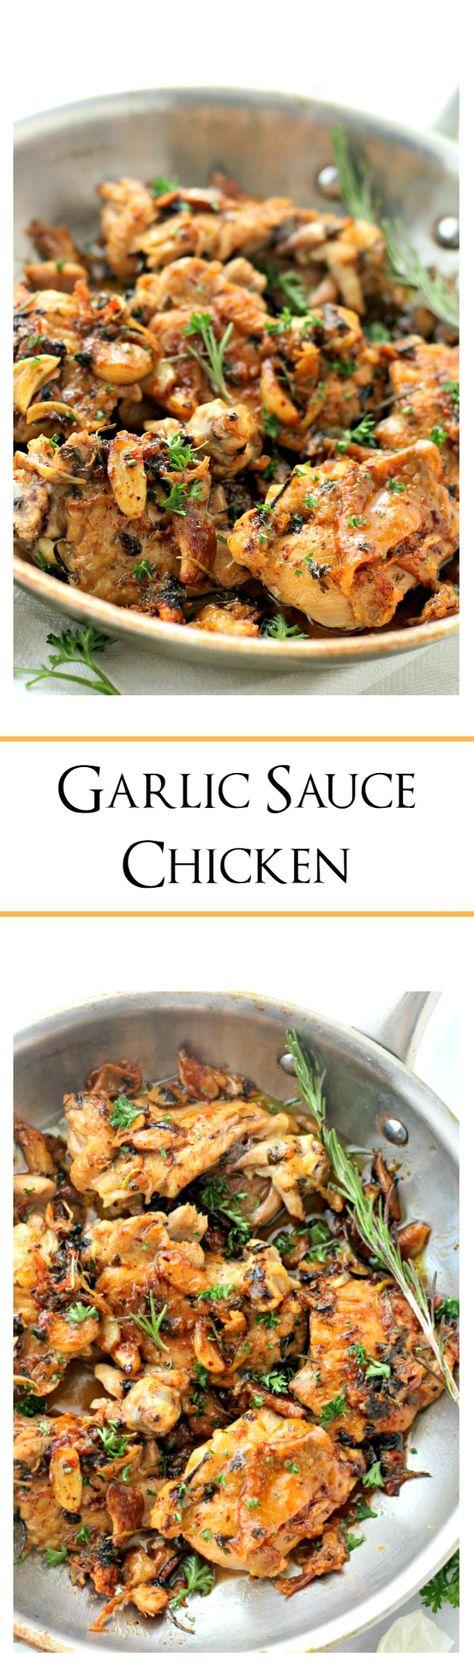 Garlic Sauce Chicken | www.diethood.com | Pan-Seared Chicken Thighs prepared in an amazing garlic sauce. | #chicken #dinner